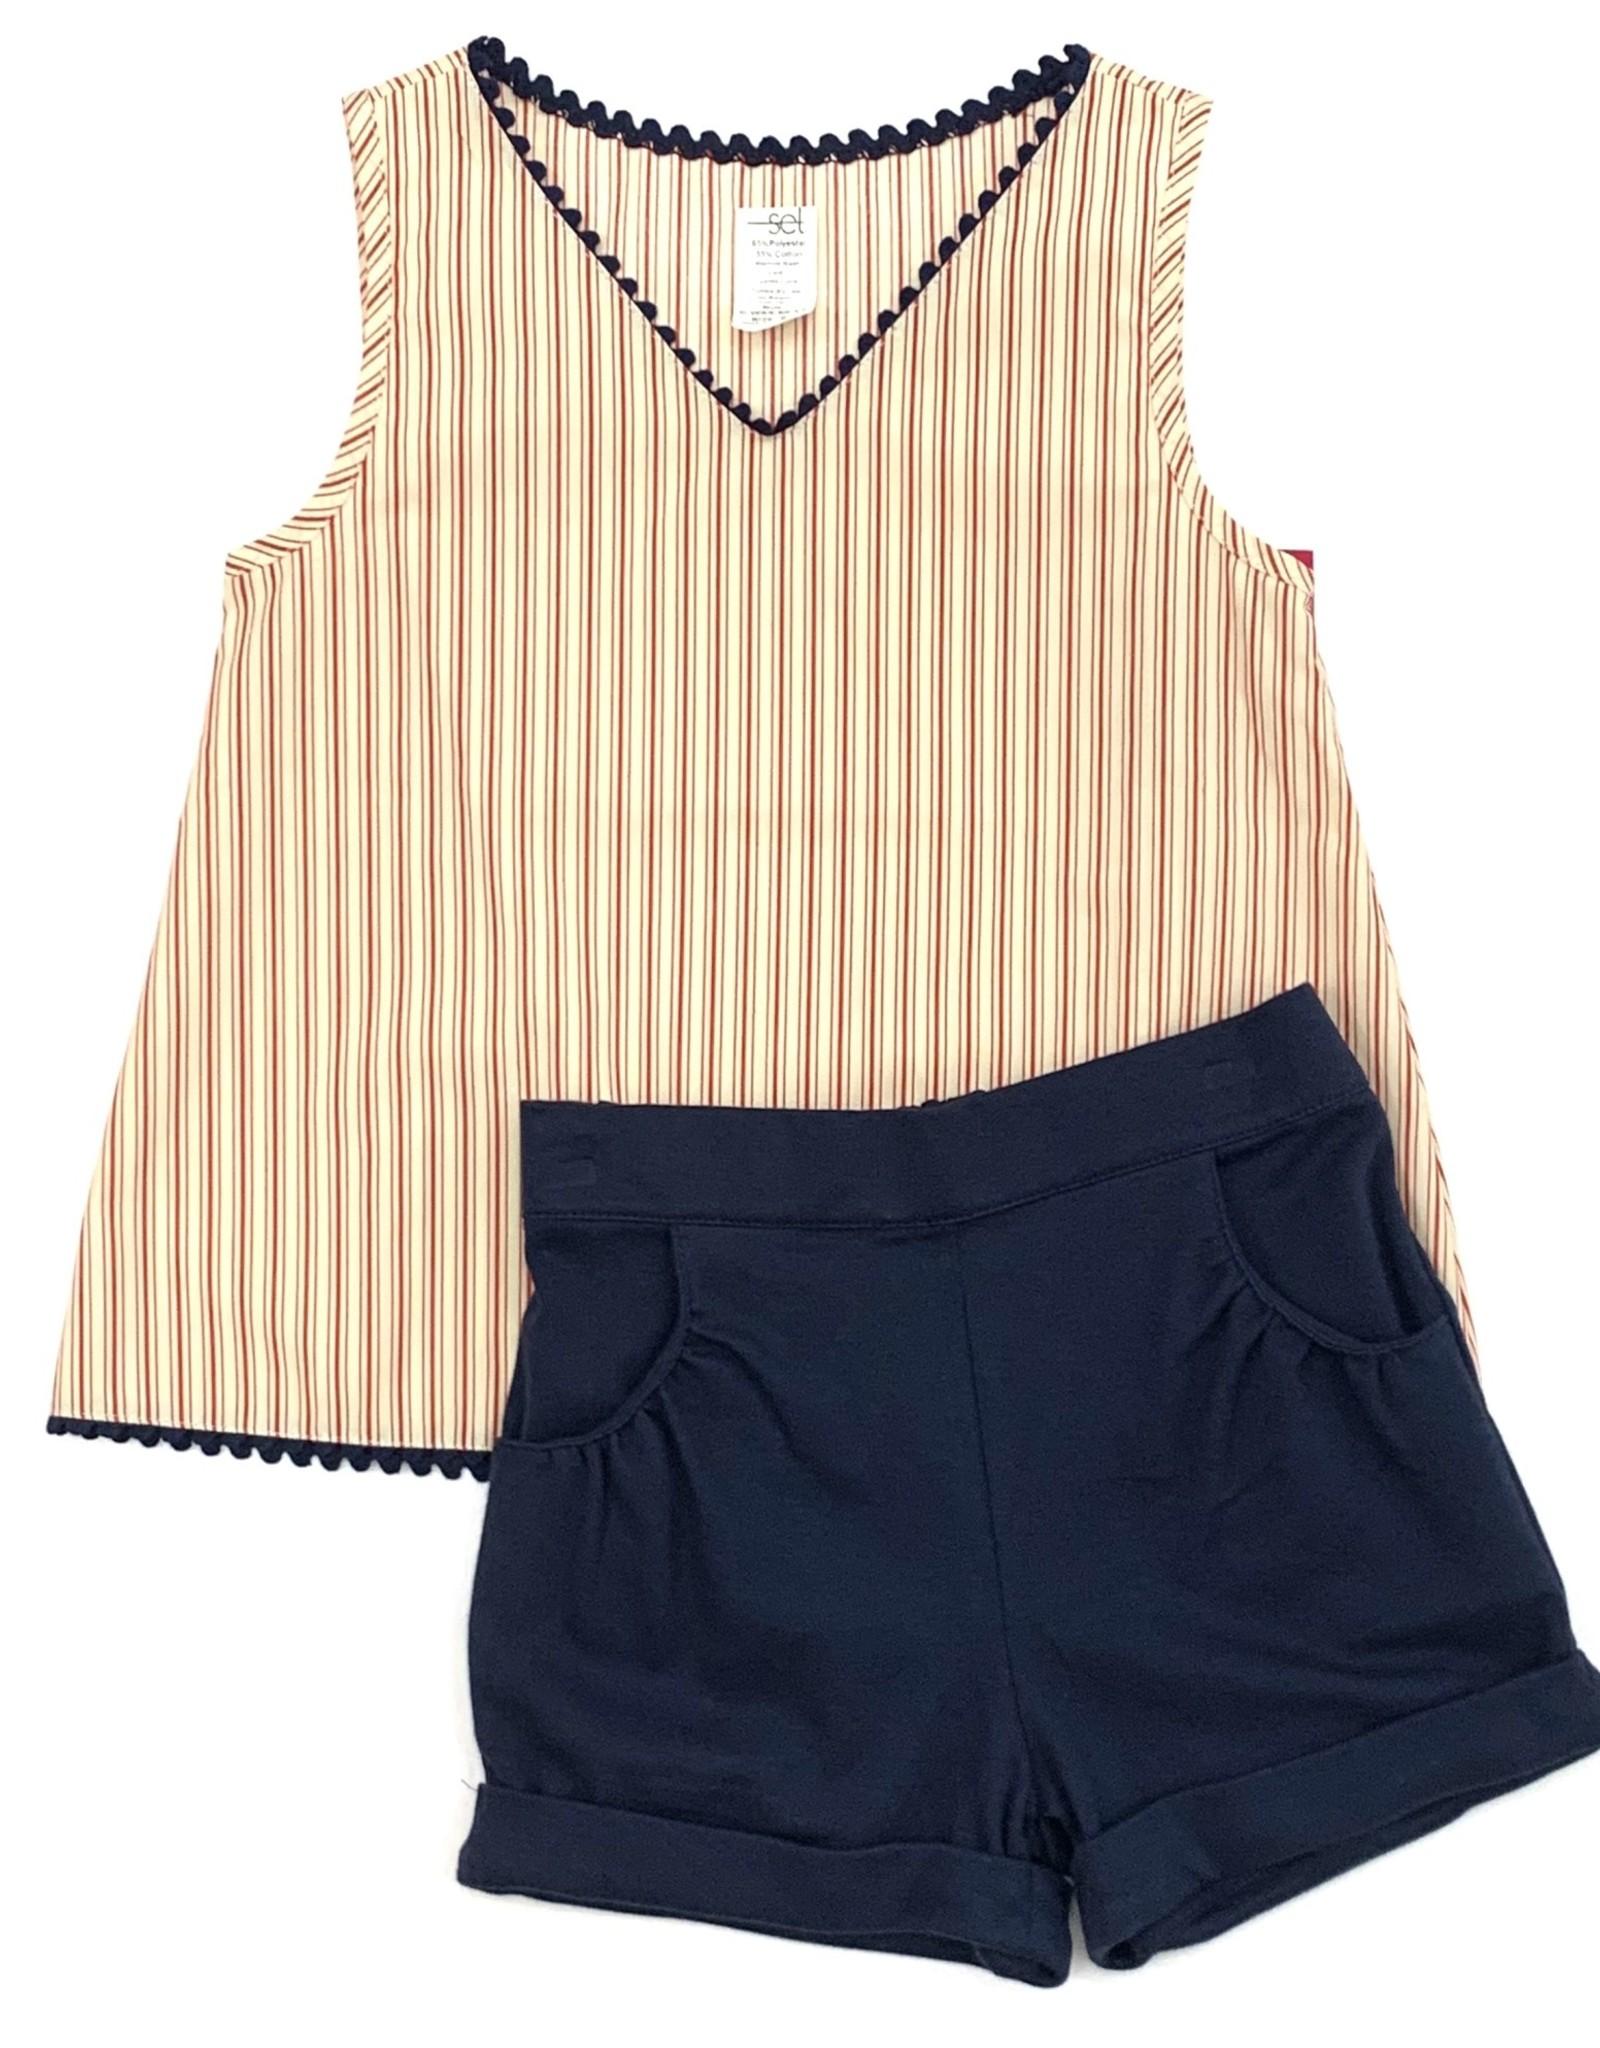 LullabySet Sadie Red Vintage Stripe Tee and Navy Shorts Set